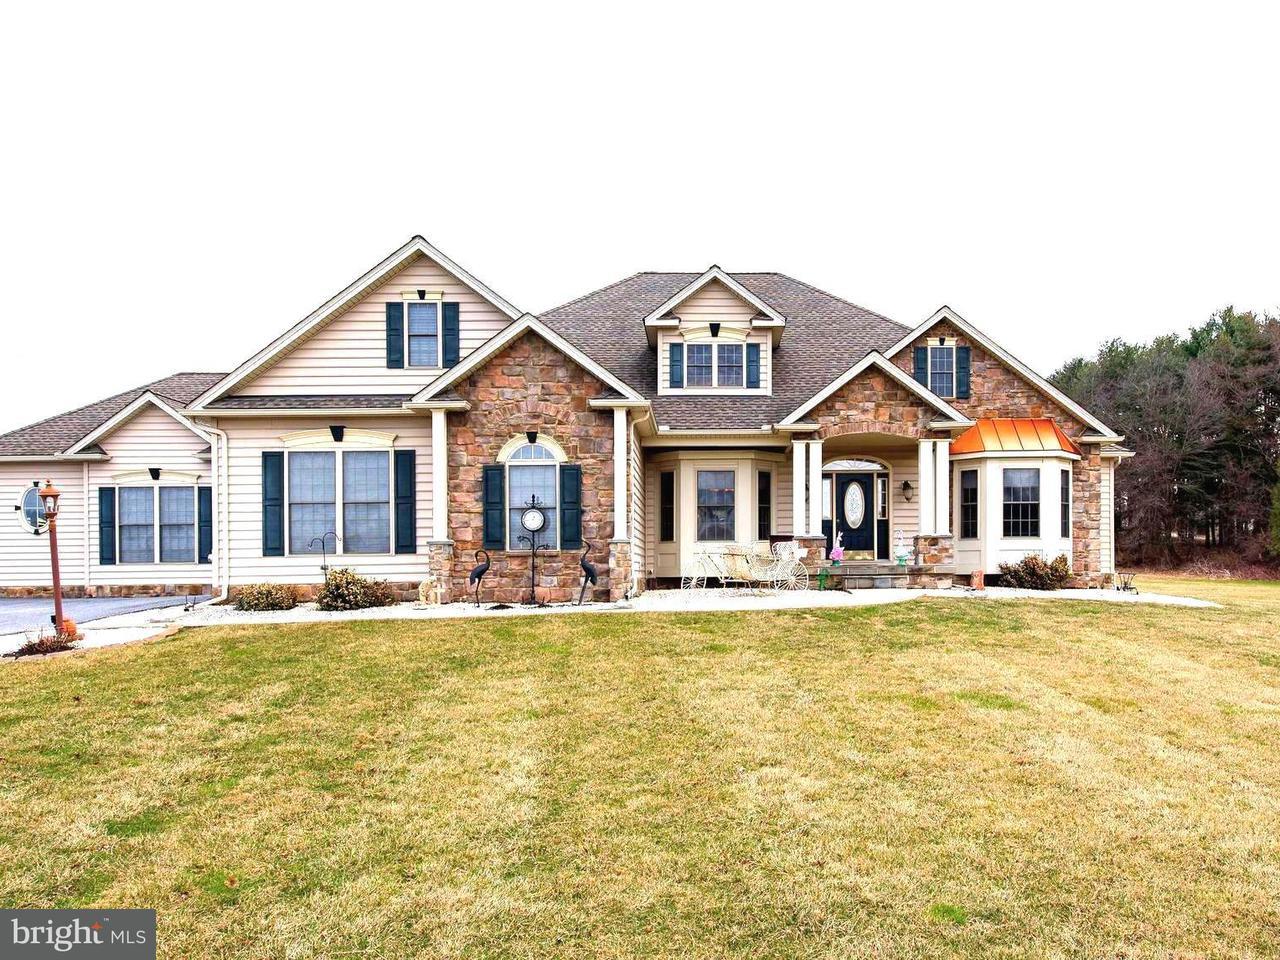 独户住宅 为 销售 在 17405 Pleasant Meadow Road 17405 Pleasant Meadow Road Upperco, 马里兰州 21155 美国